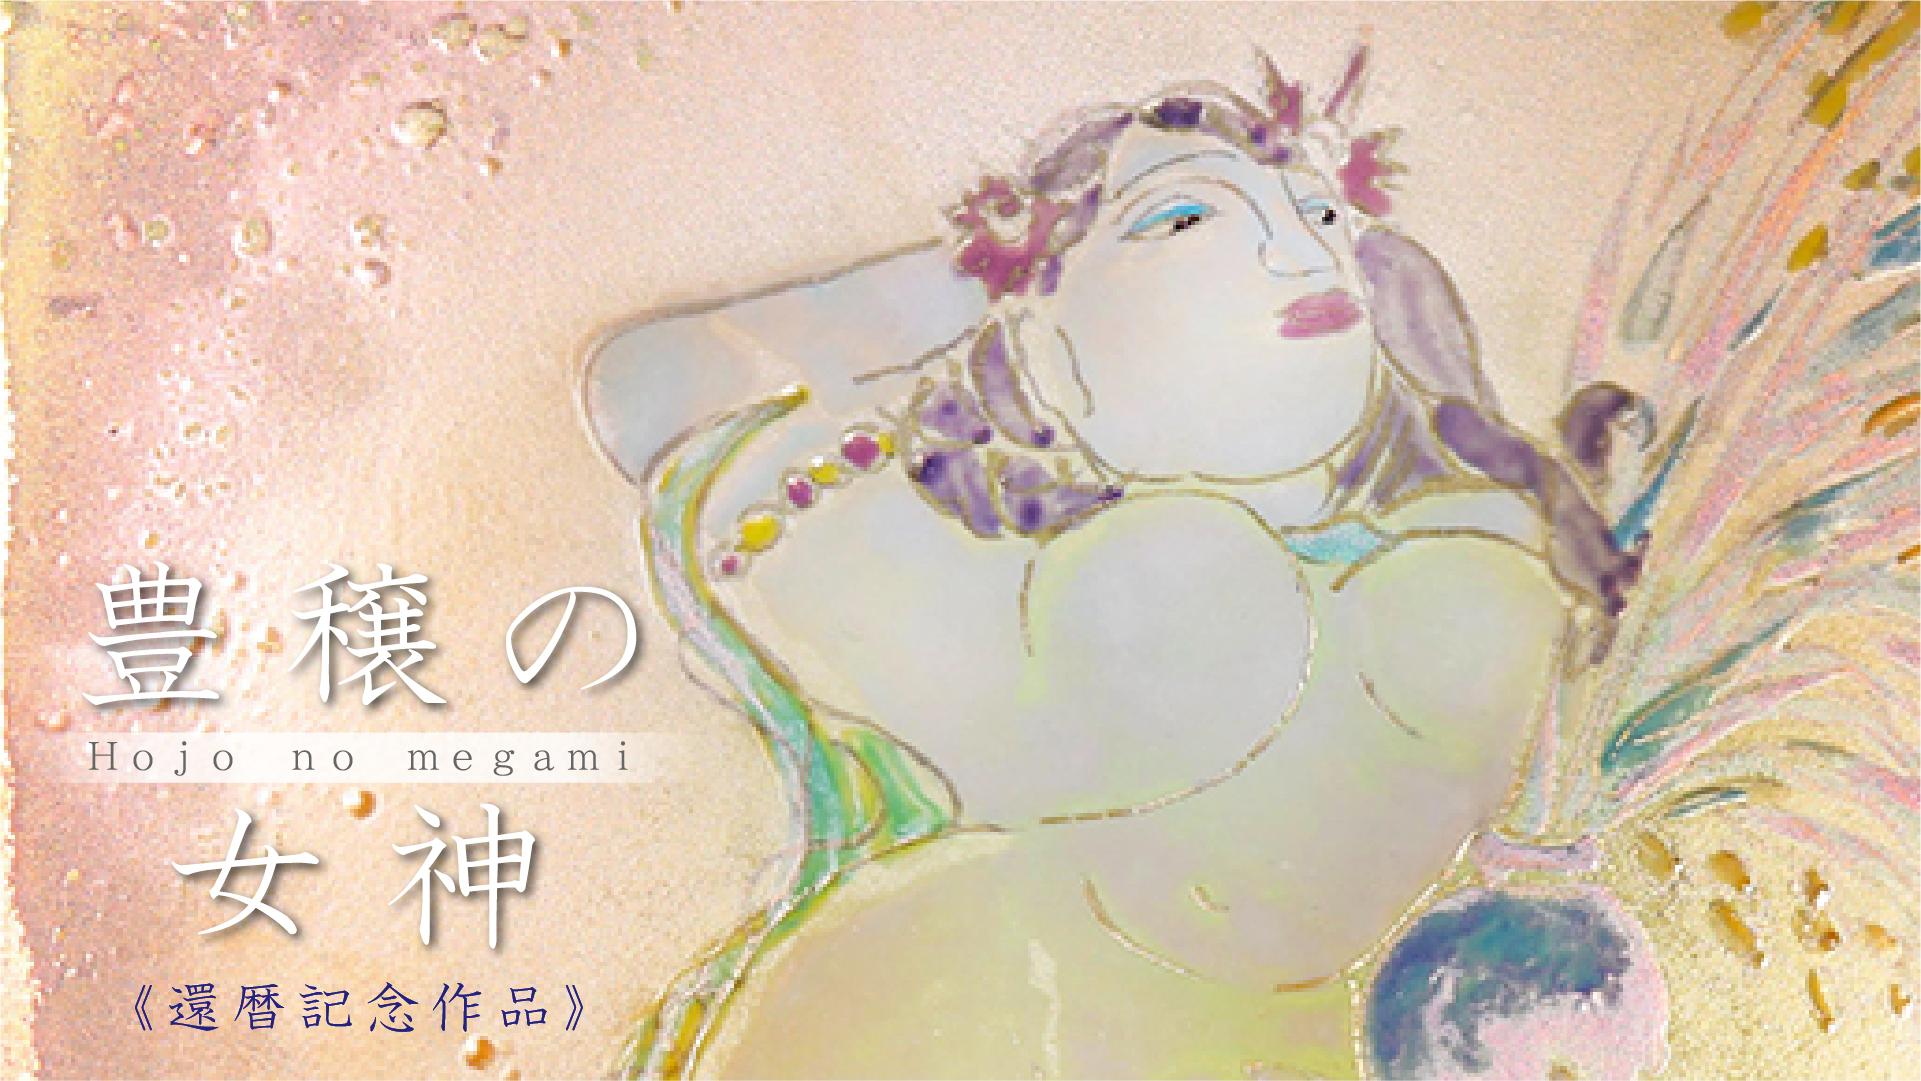 草場一壽陶彩画 還暦記念作品「豊穣の女神」